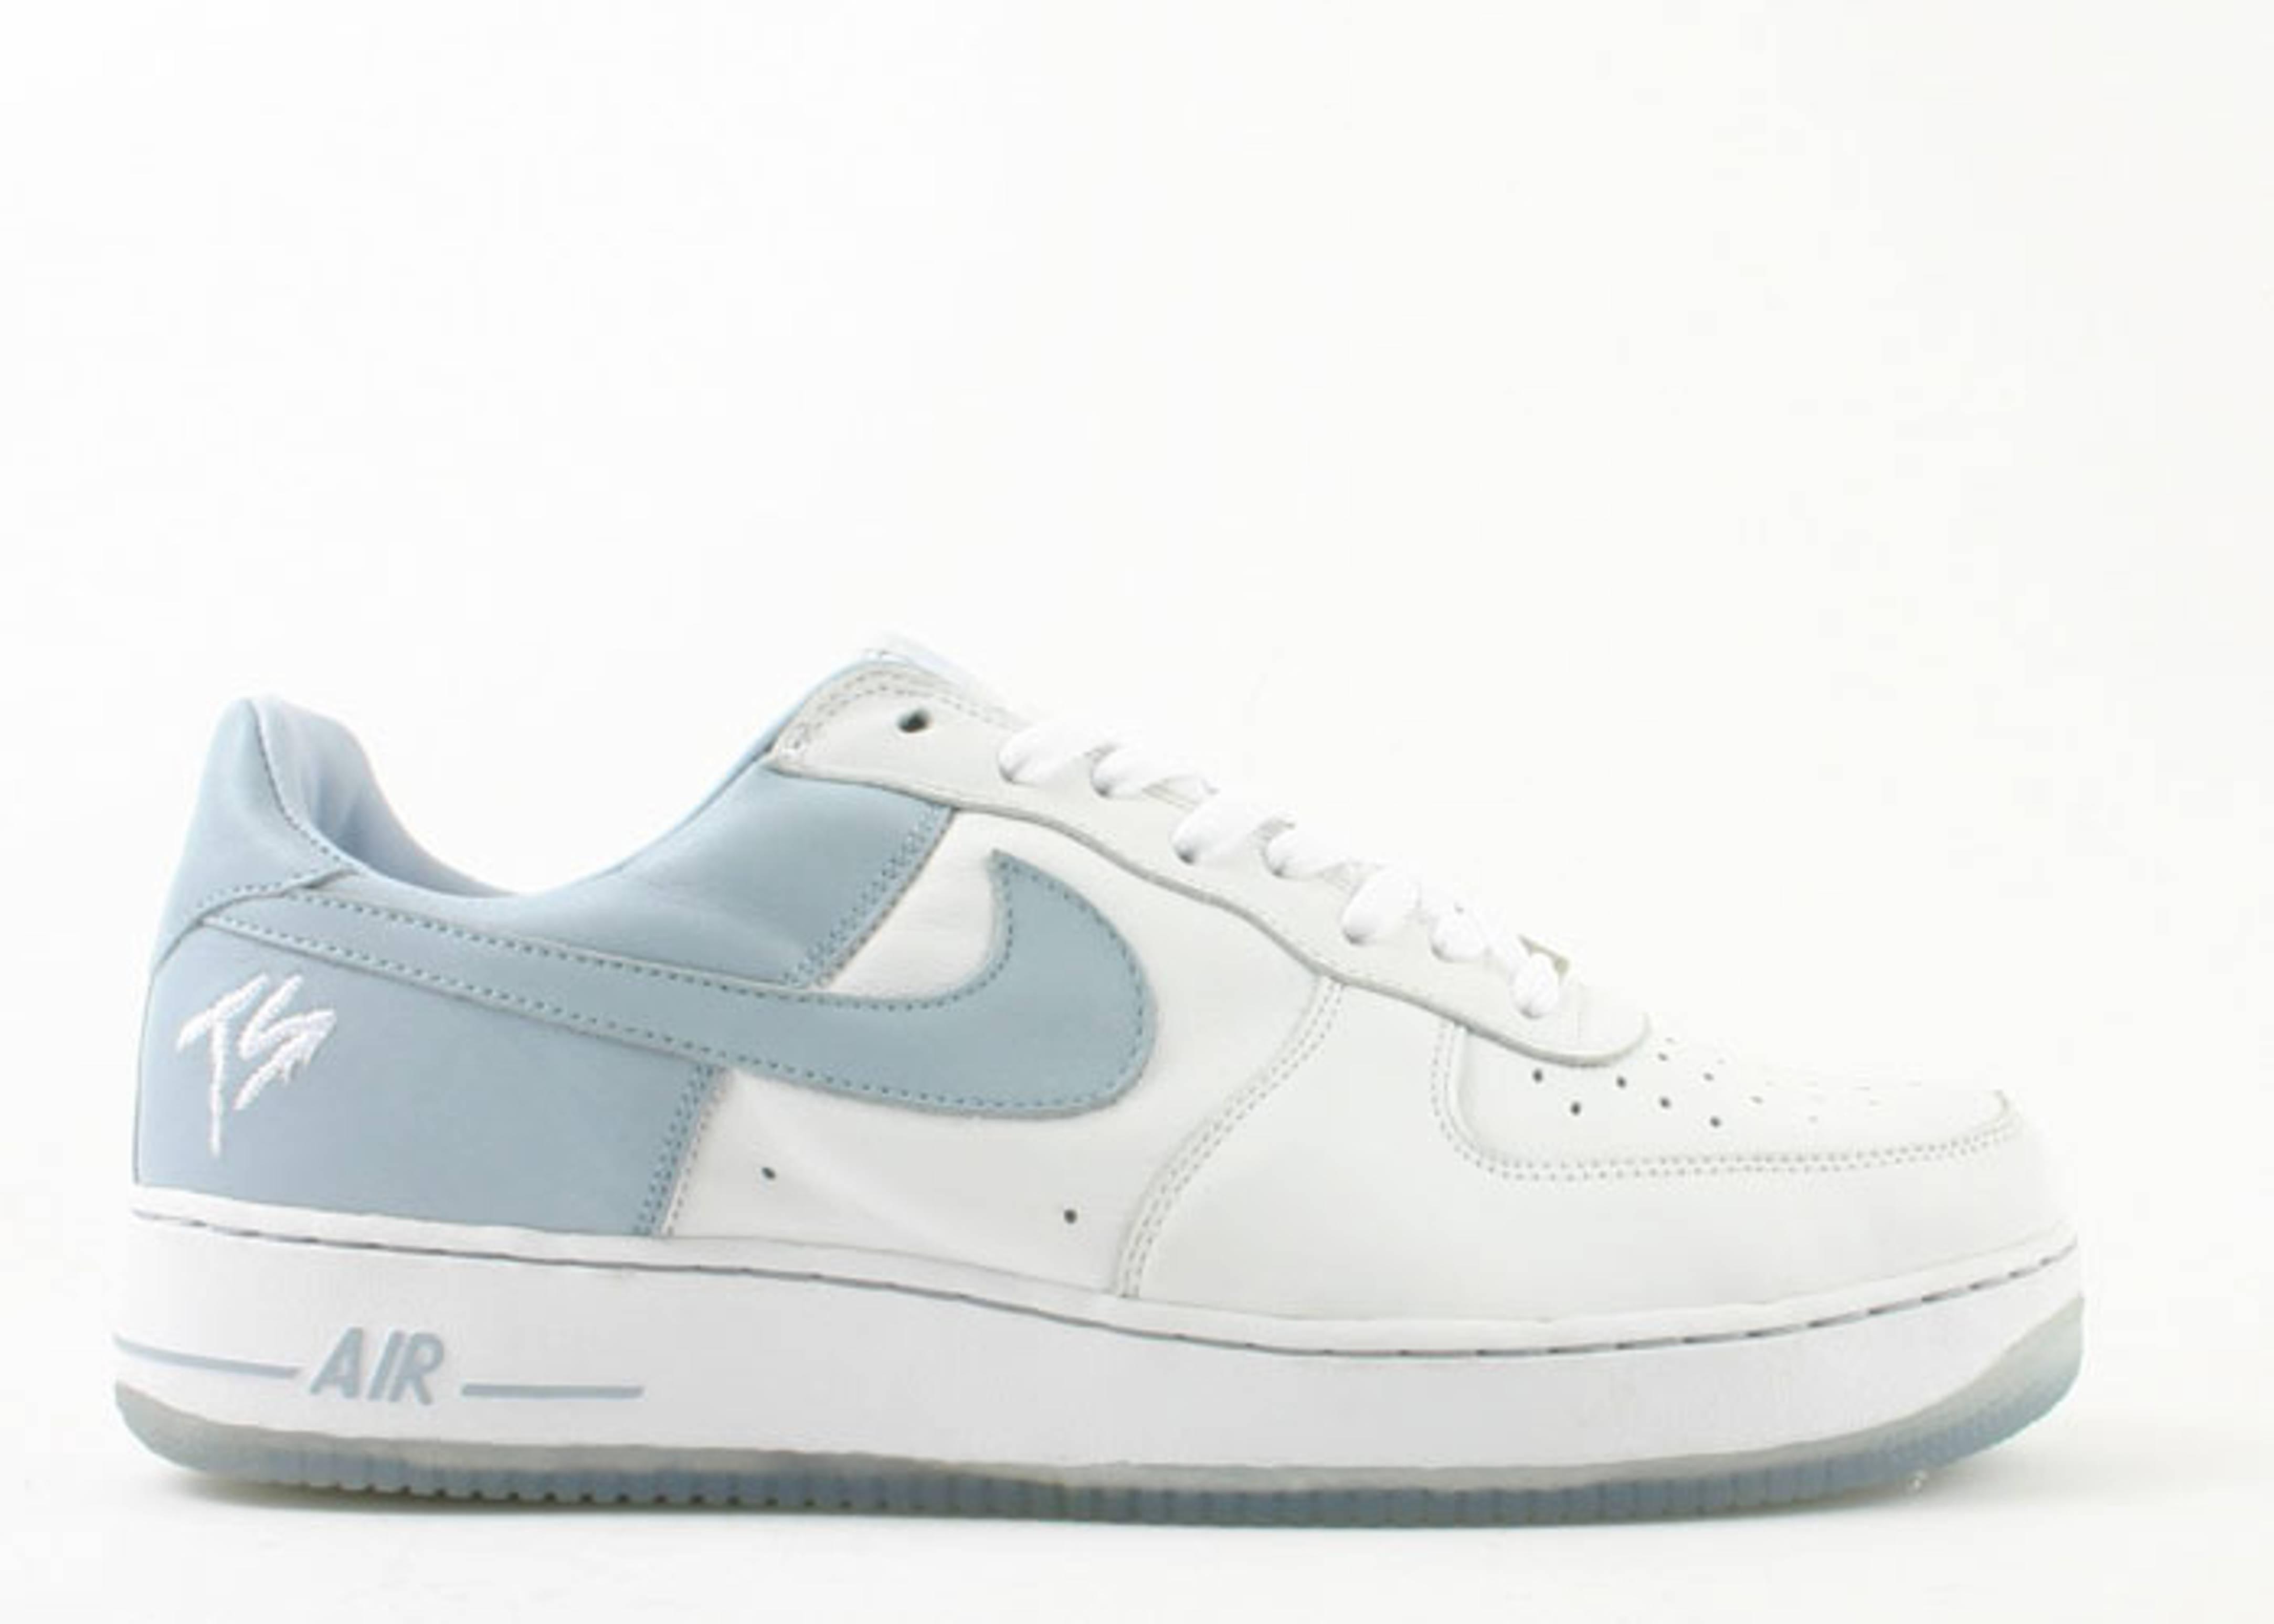 Nike Air Max Ultra Bw beardownproductions.co.uk